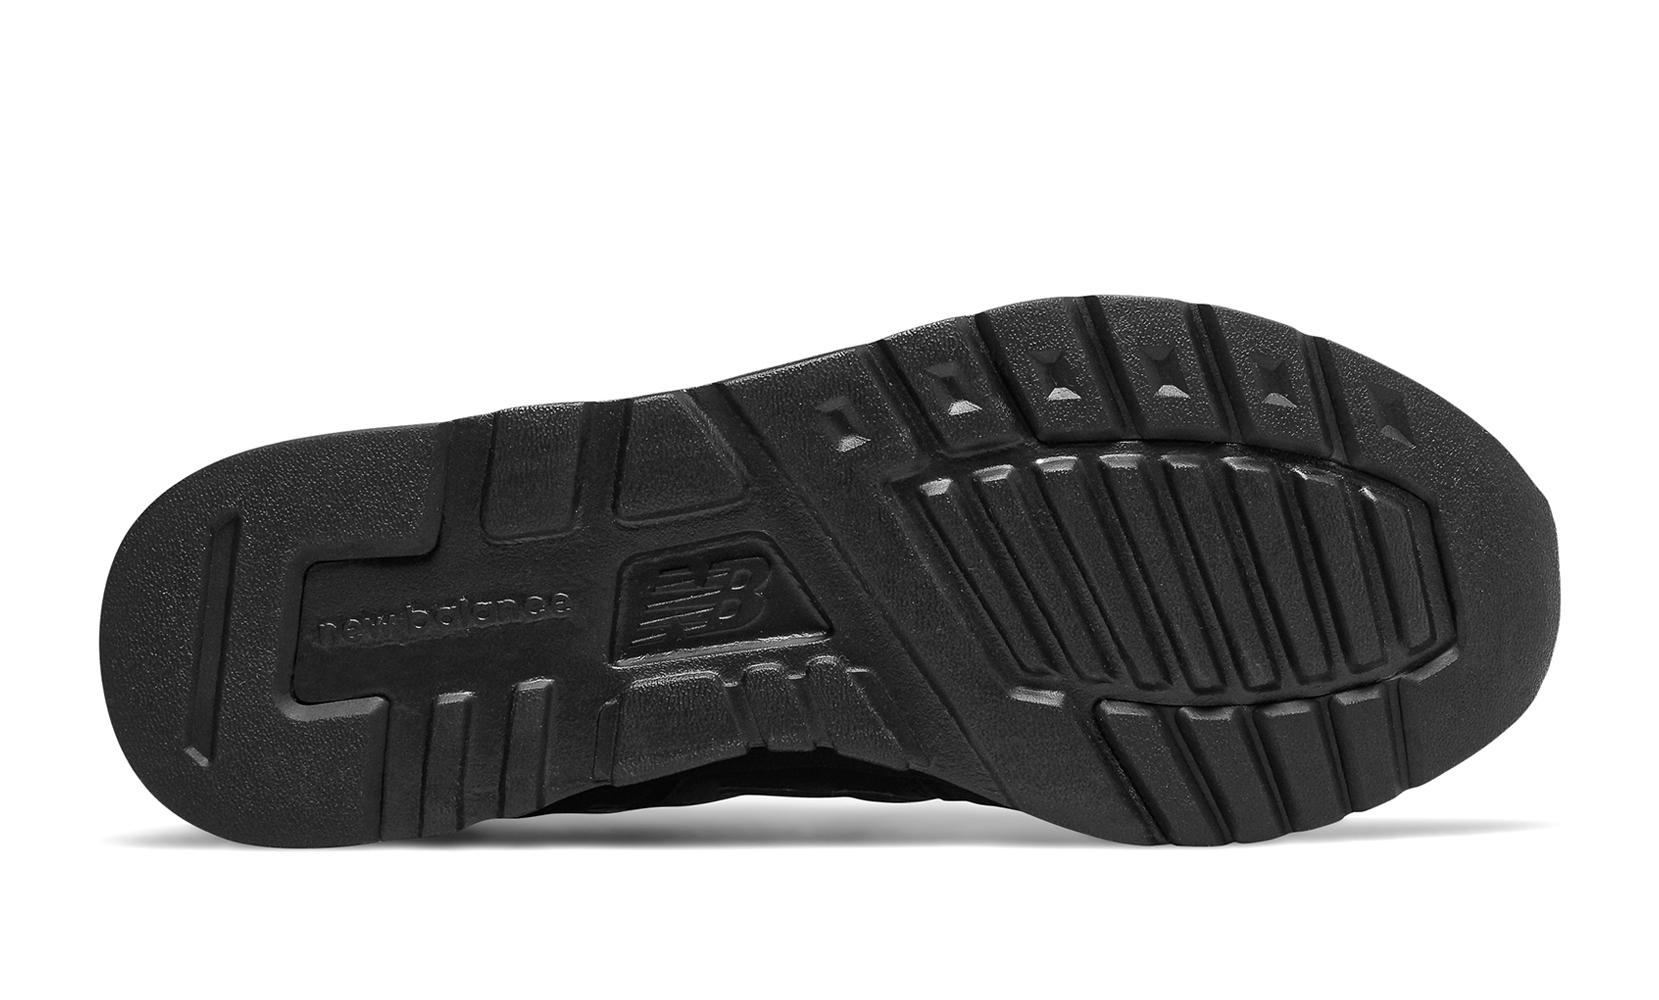 Жіноче взуття повсякденне New Balance 997Н CW997HLB | New Balance